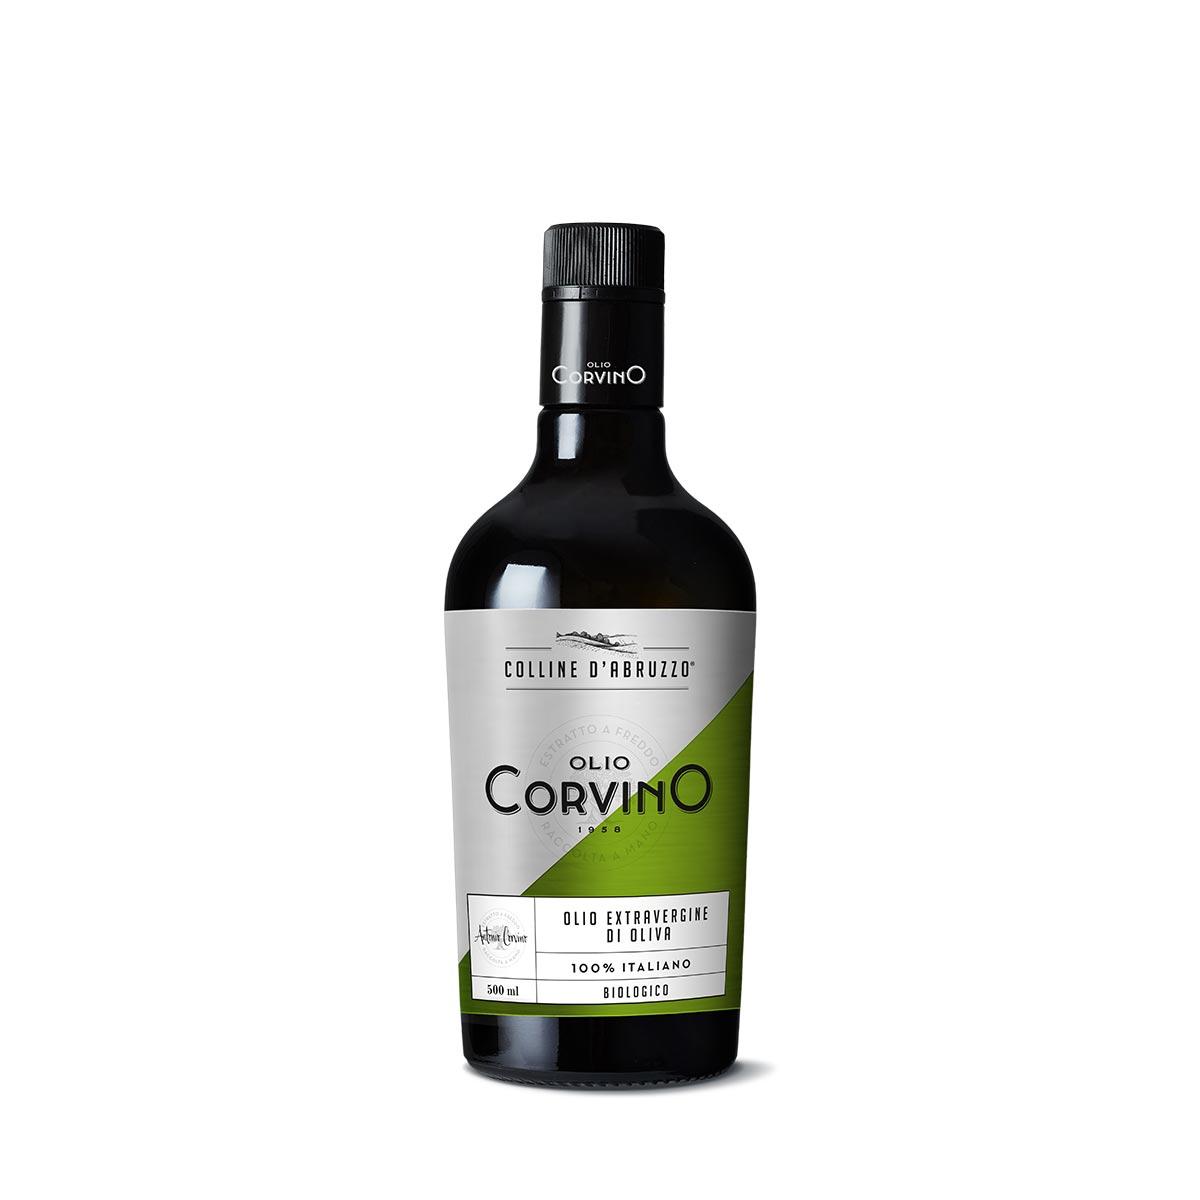 n.6 bottiglie Colline d'Abruzzo Biologico 500ml